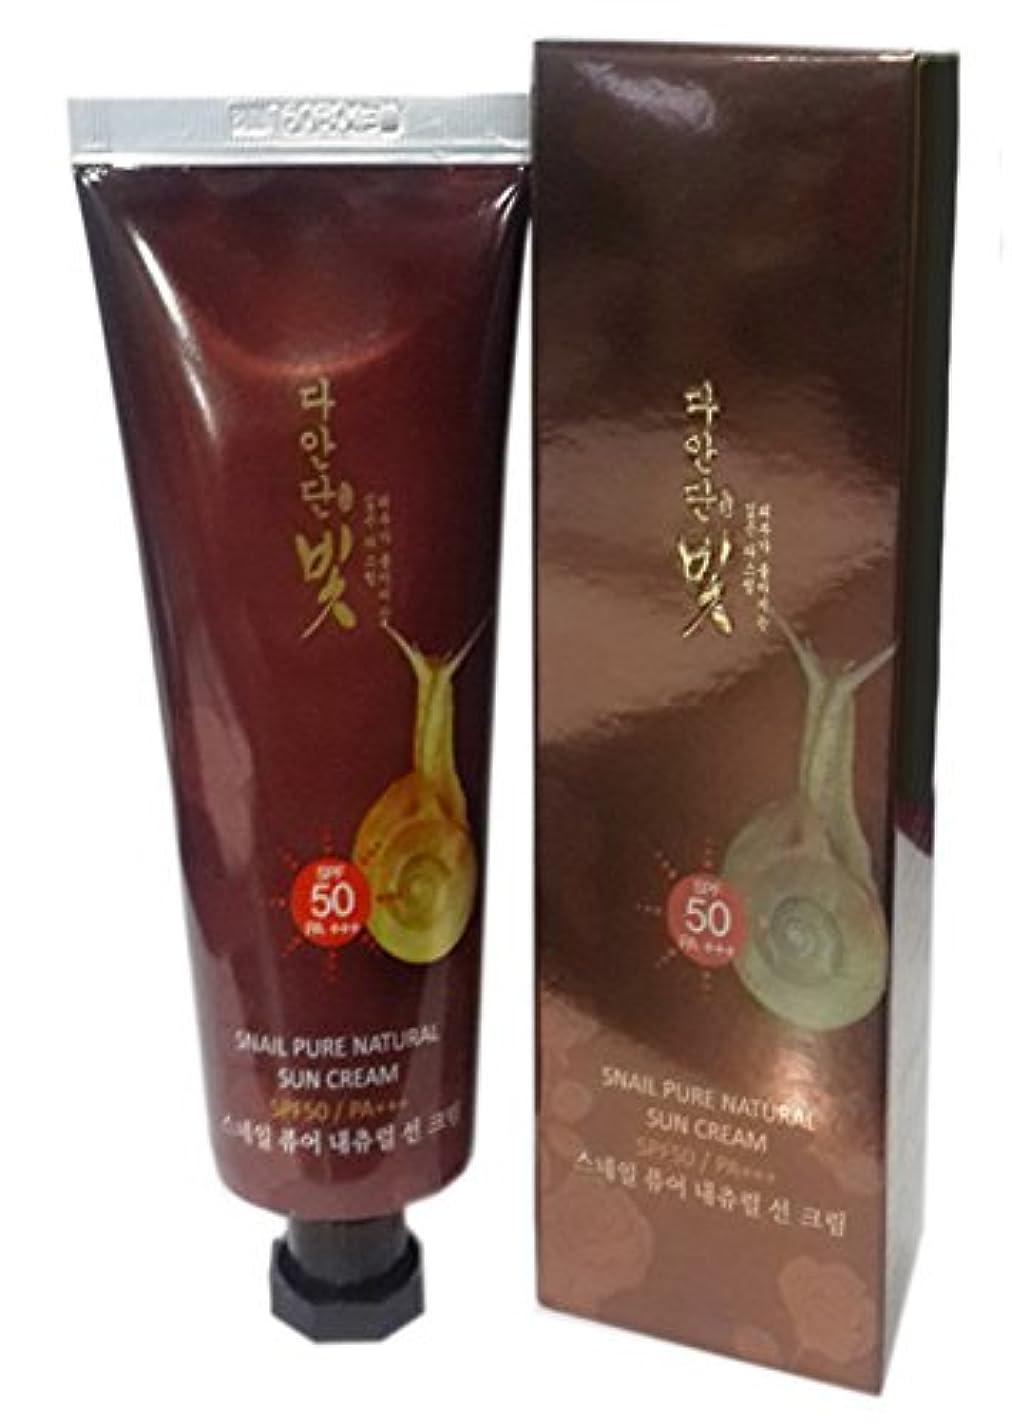 リマいたずらな九時四十五分Jigott Multi-Tan Light Snail Pure Natural Sunscreen 70ml SPF50 PA+++ CH1161011 (海外直送品)